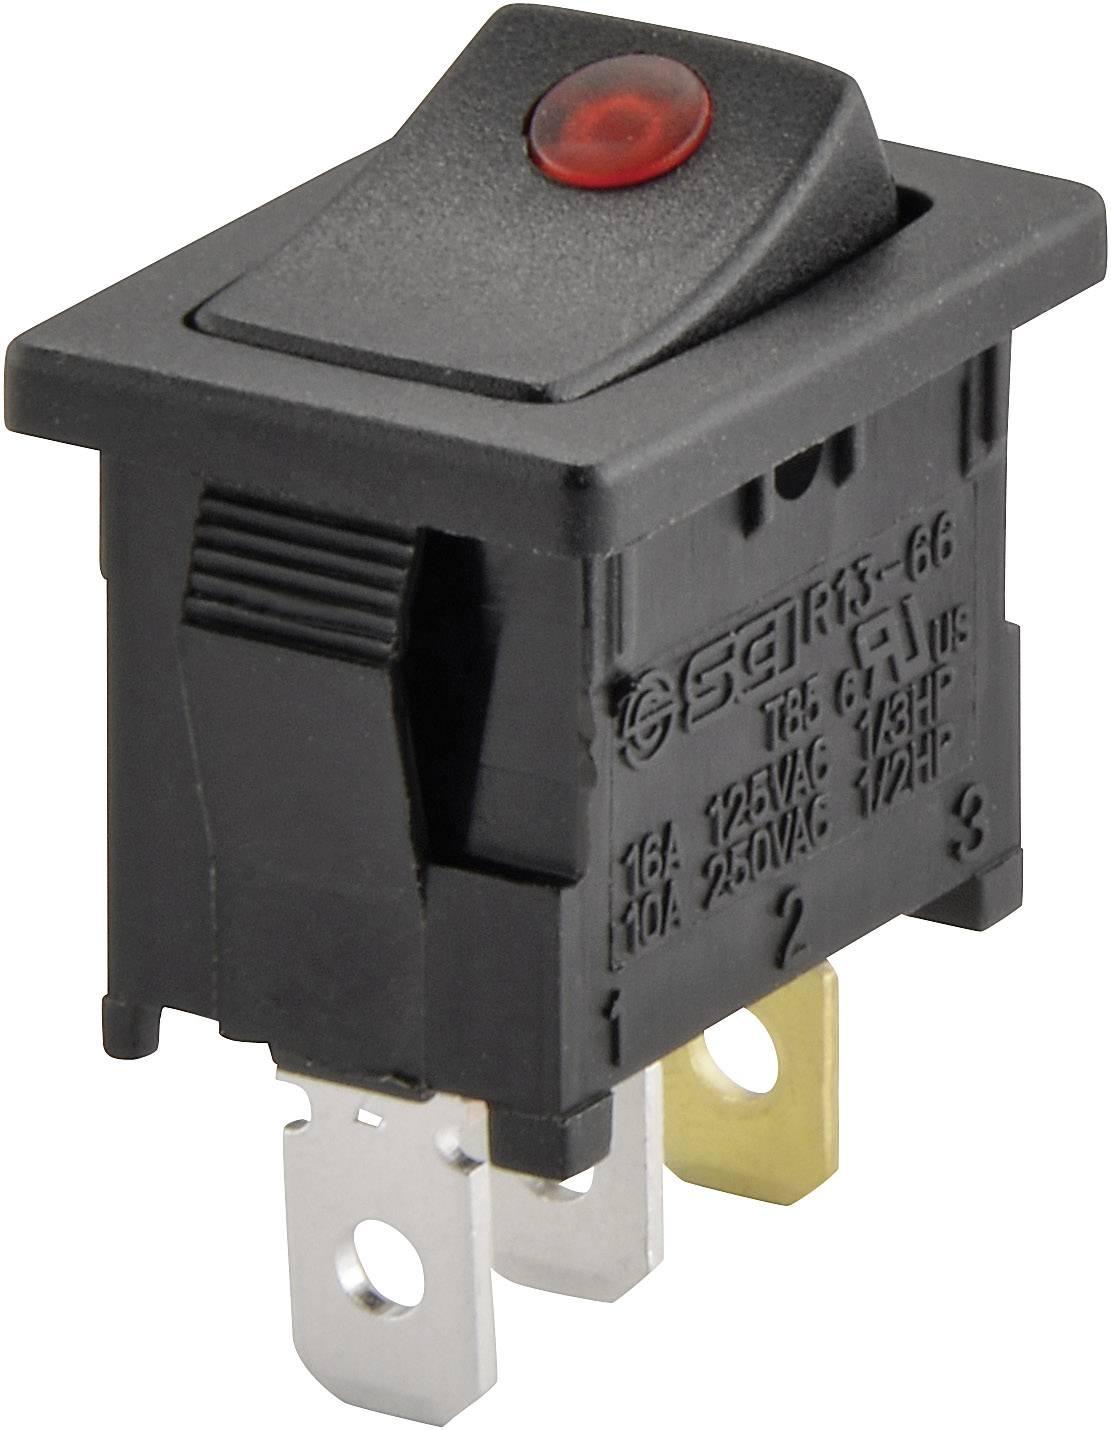 Kolískový spínač SCI R13-66B2-02 (250V/AC 150KR) s aretáciou 250 V/AC, 6 A, 1x vyp/zap, čierna, červená, 1 ks